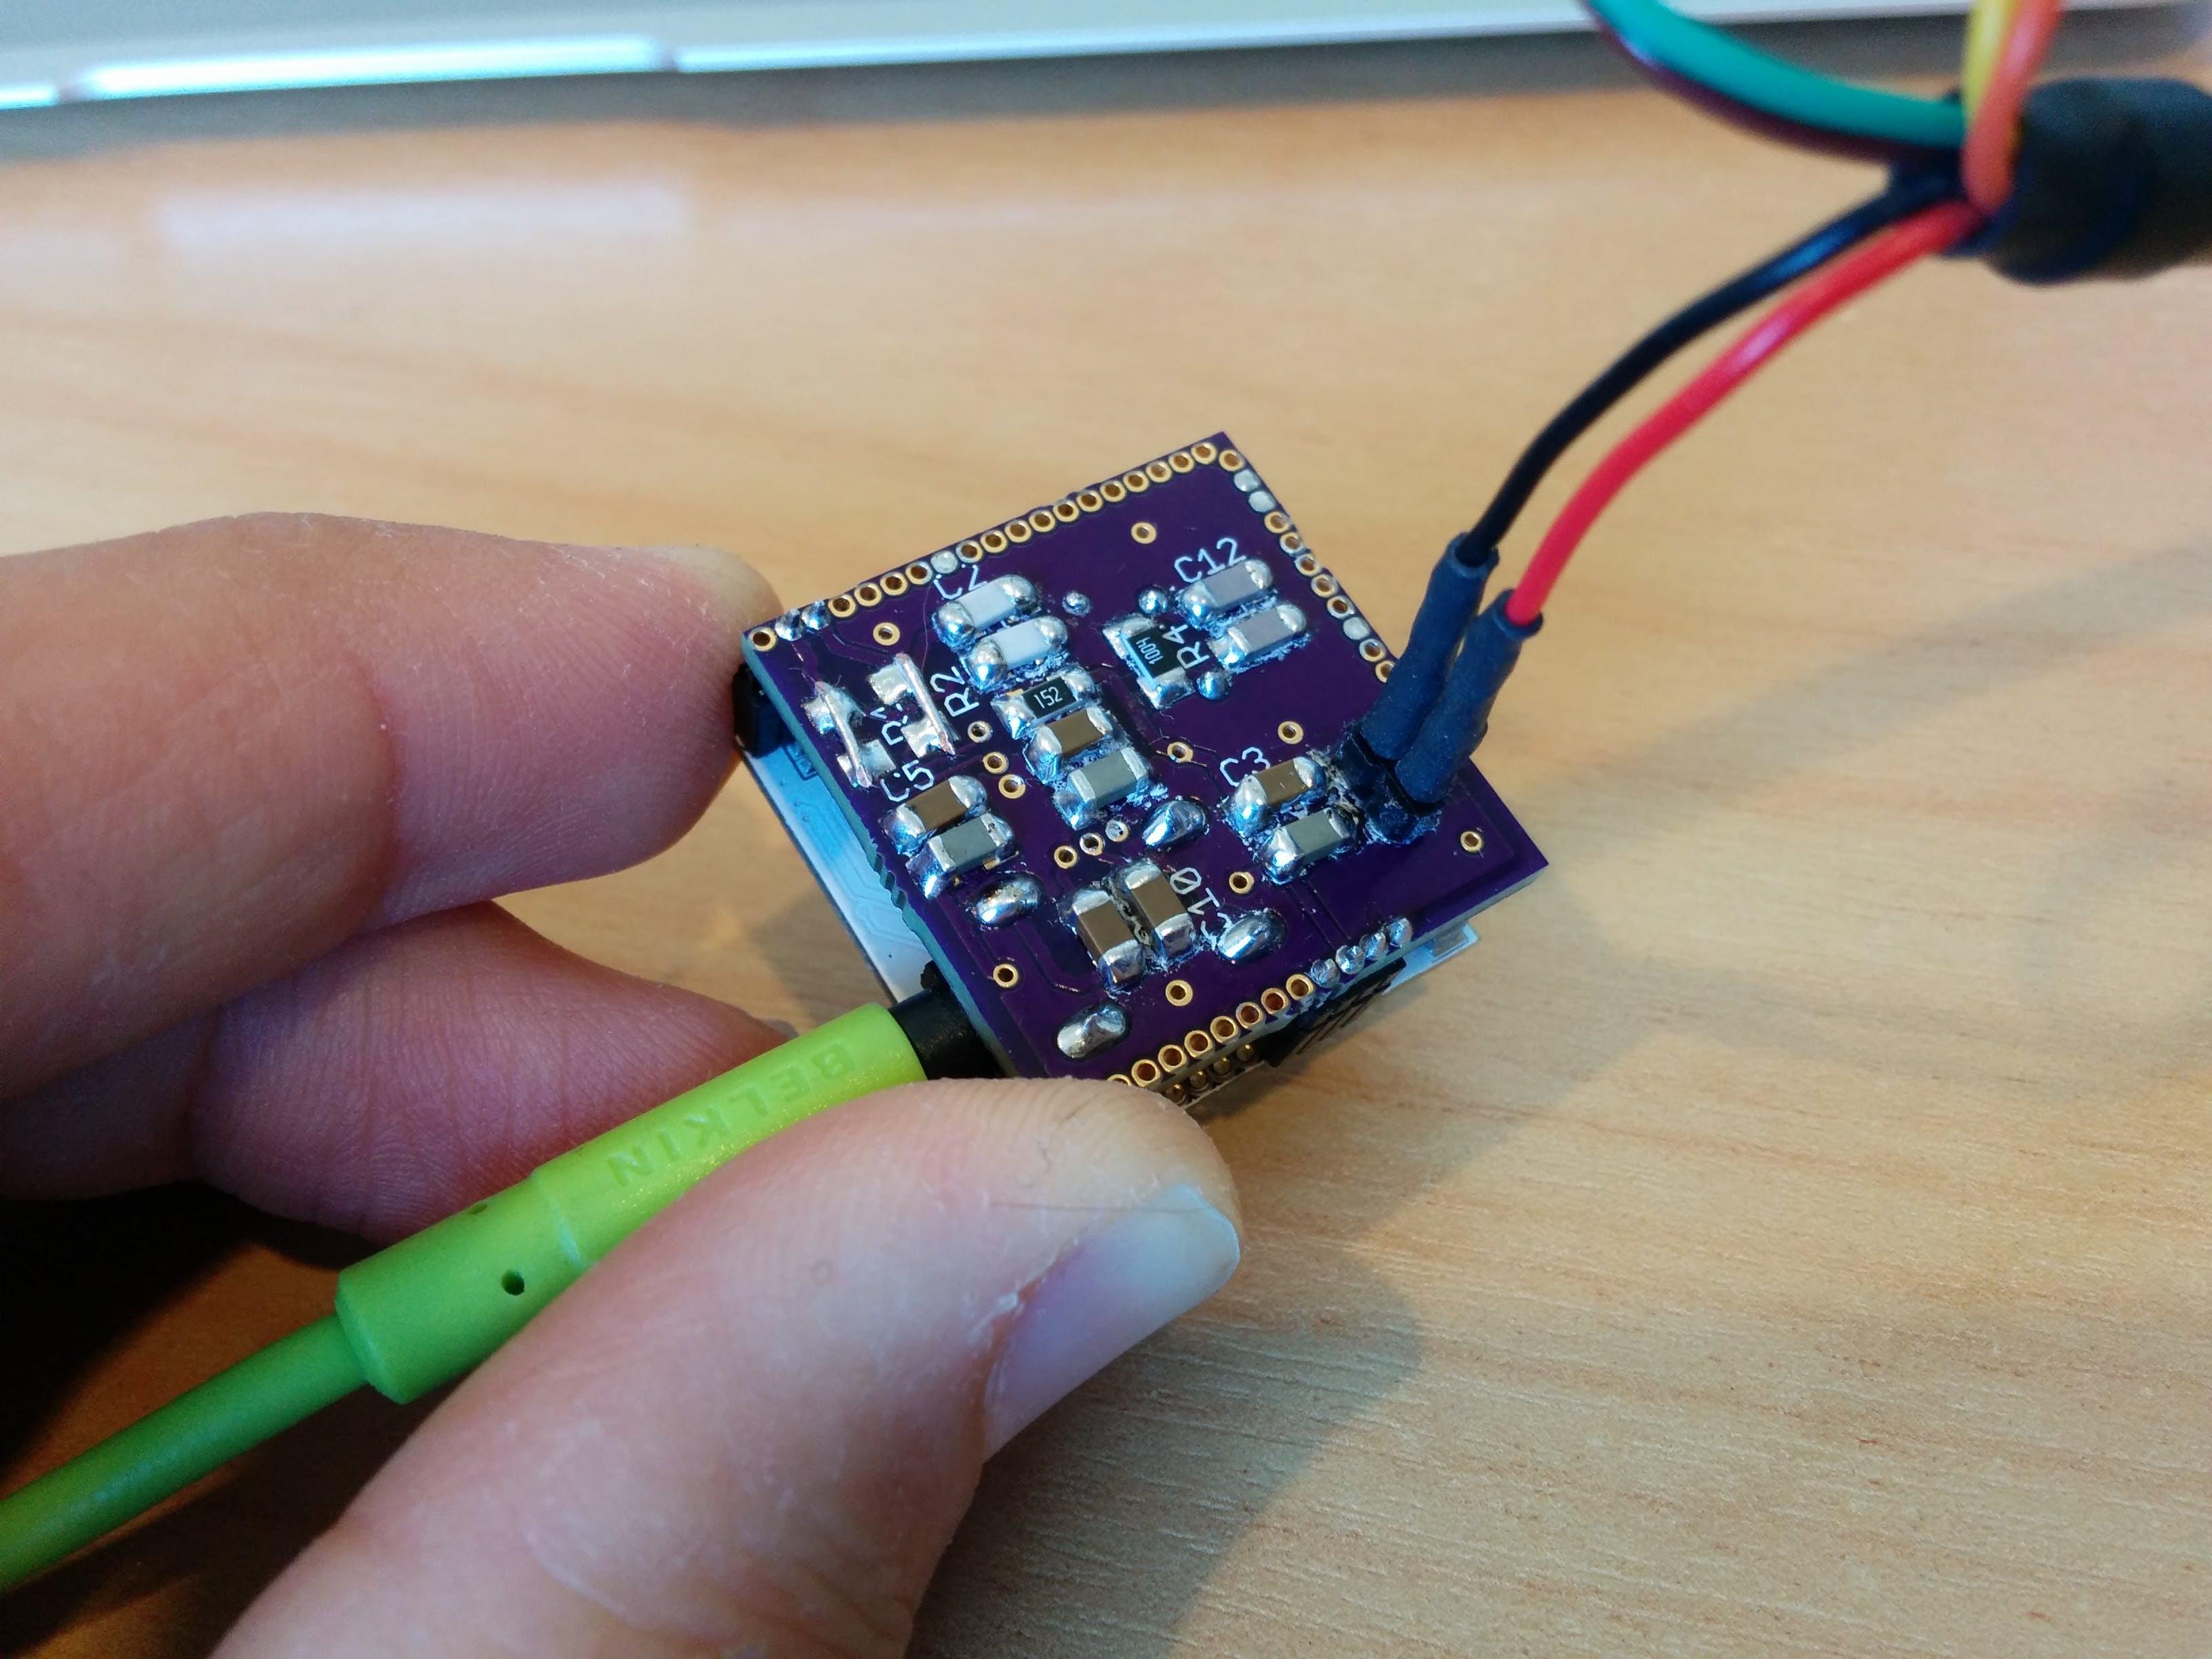 Prototype VoCore audio dock.